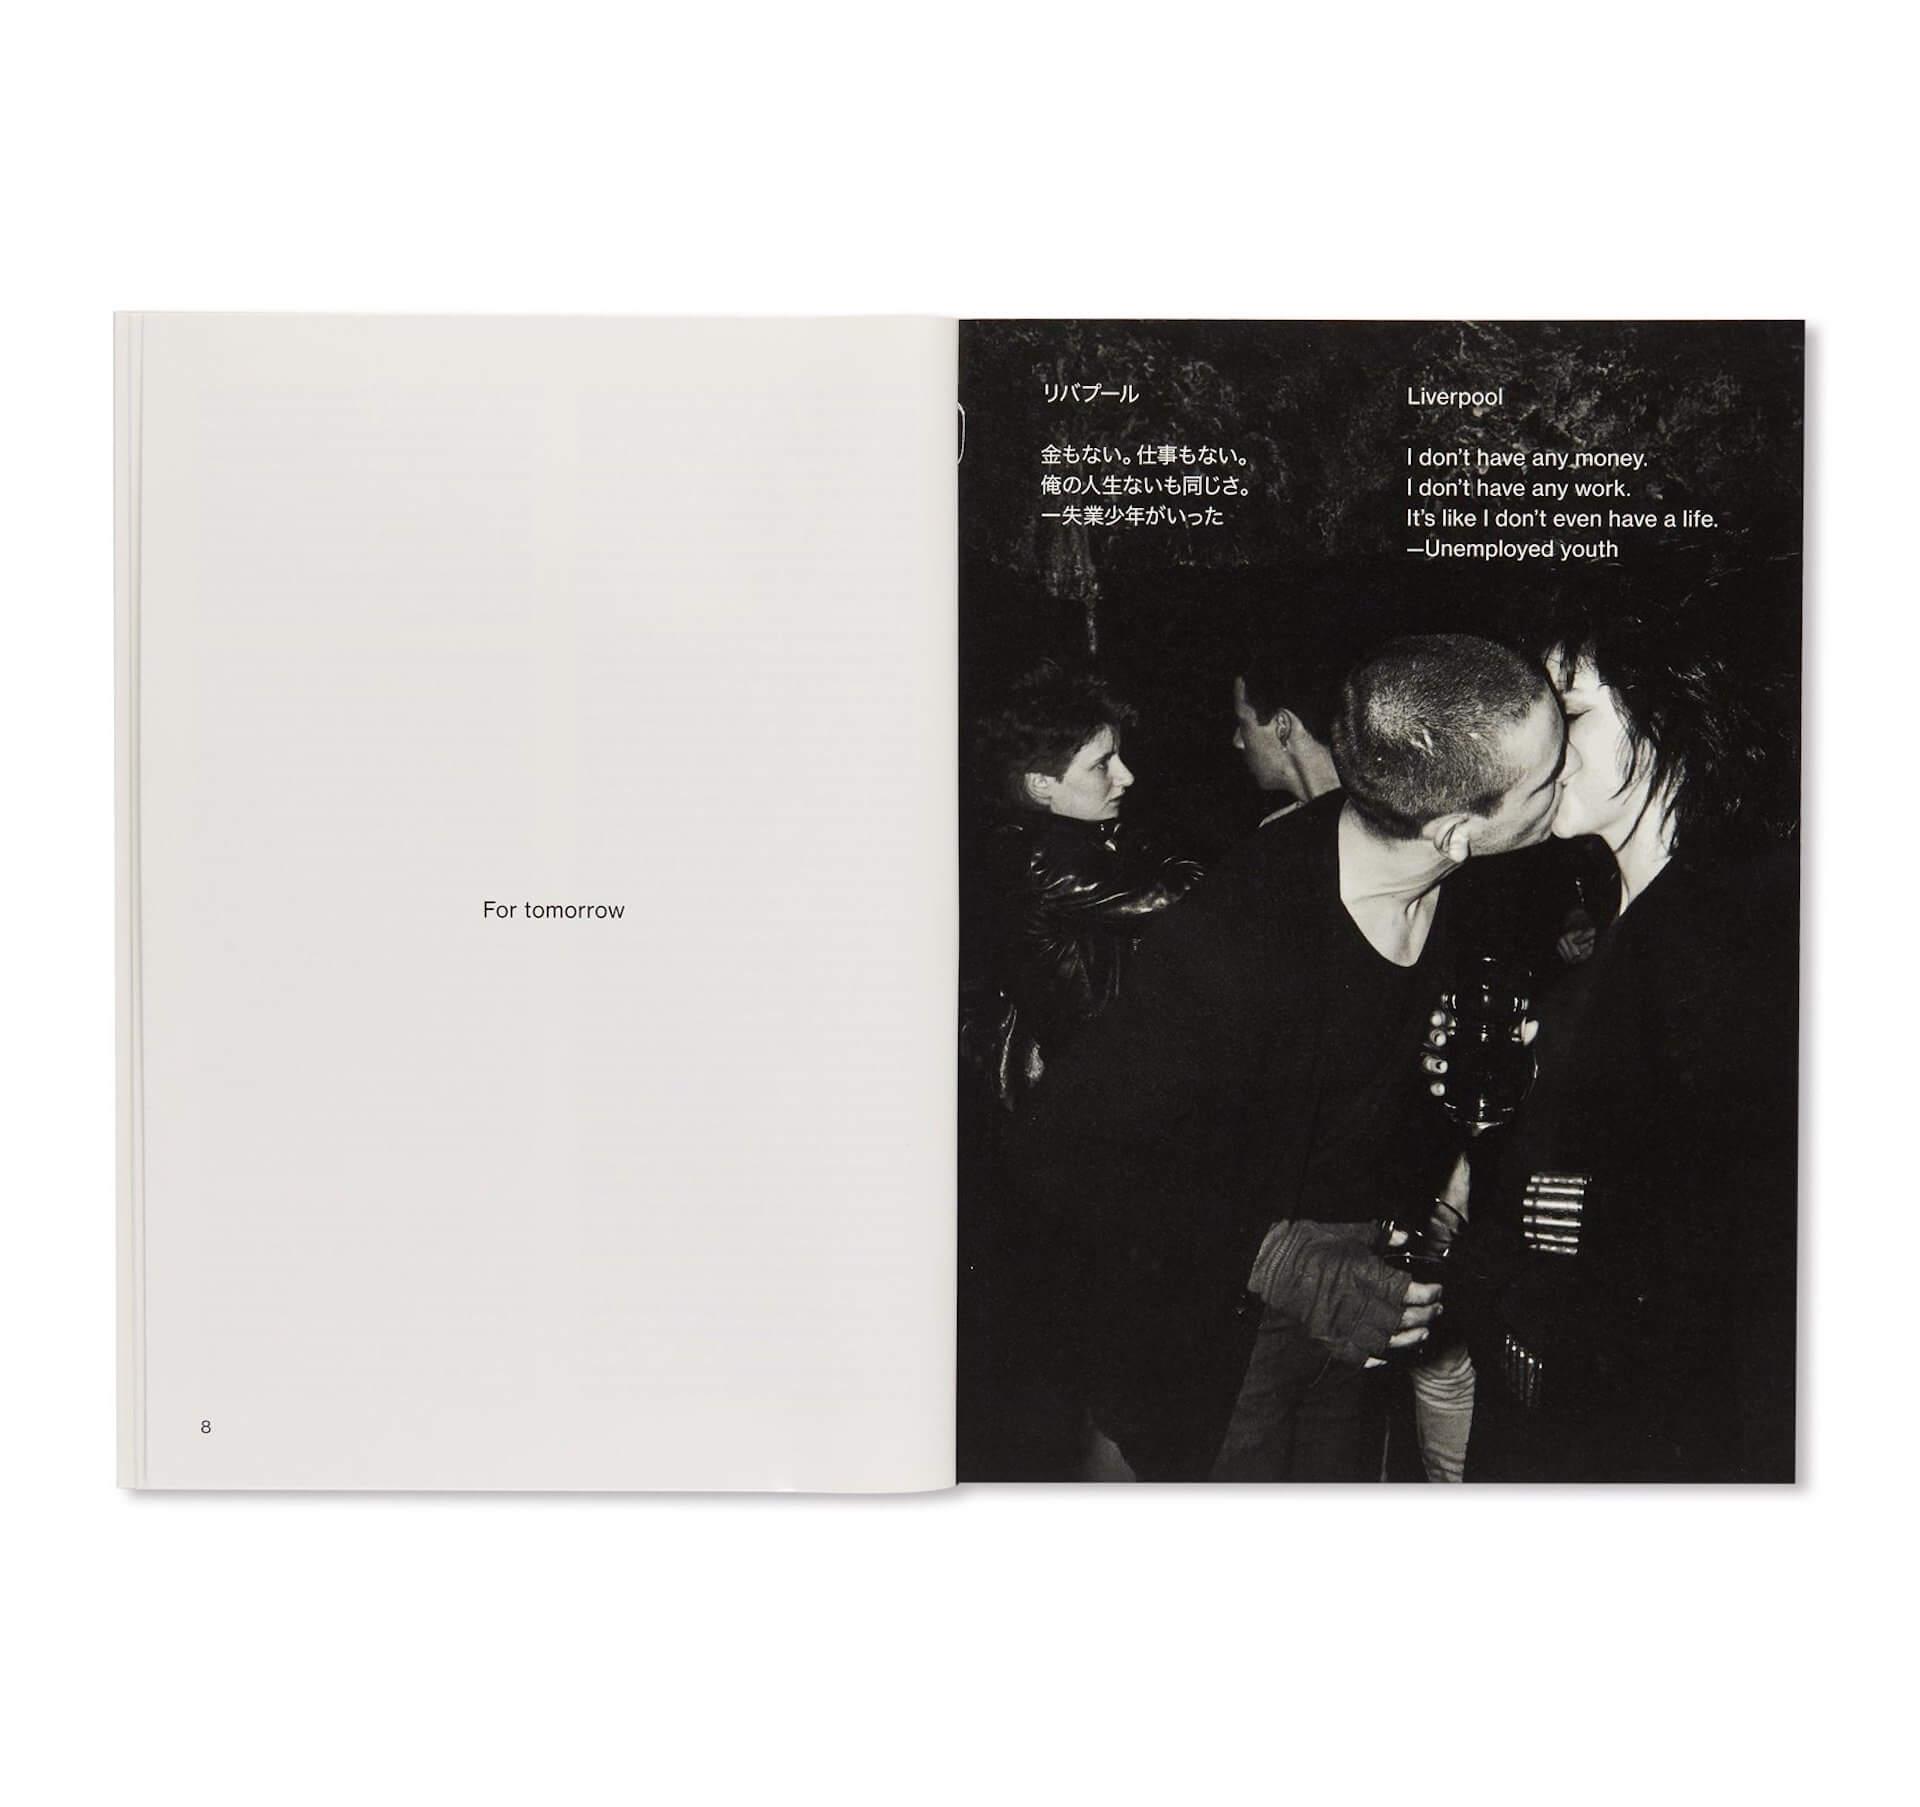 アートブックノススメ|Qetic編集部が選ぶ5冊/Harmony Korine 他 column210210_artbook-05